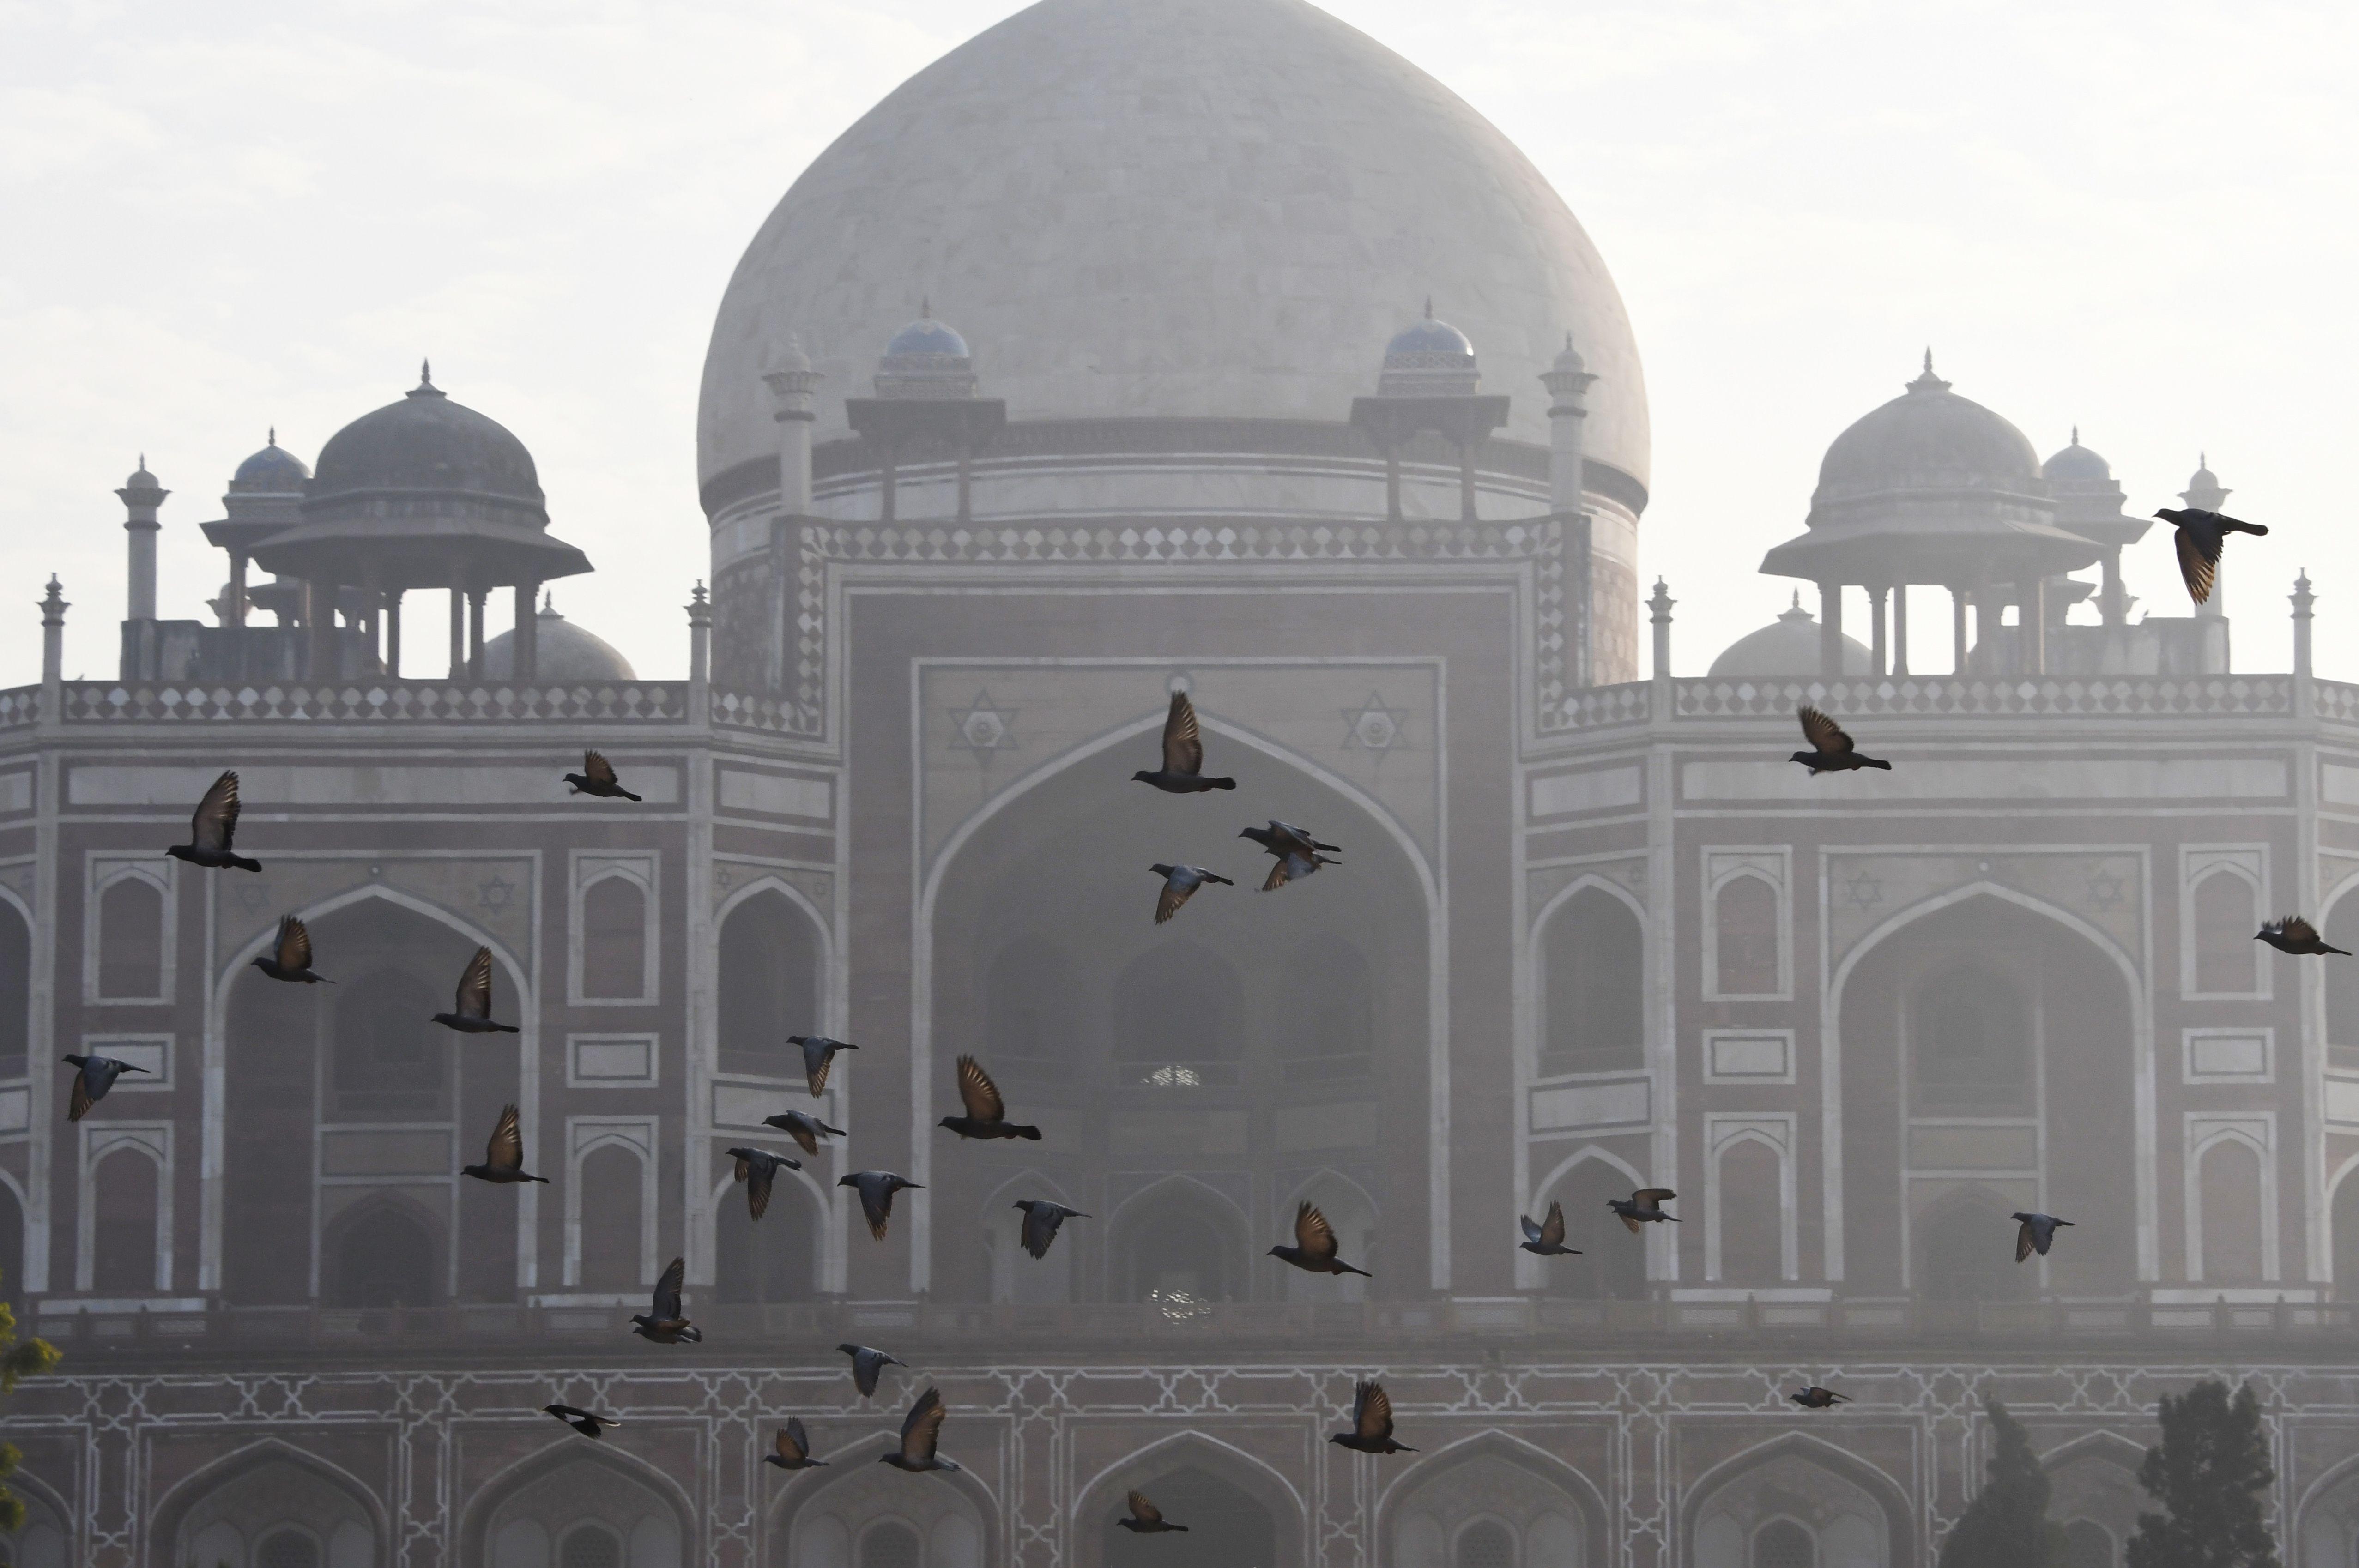 طيور تطير وسط الشبورة فى الهند أثناء زيارة صادق خان للمعبد الذهبى